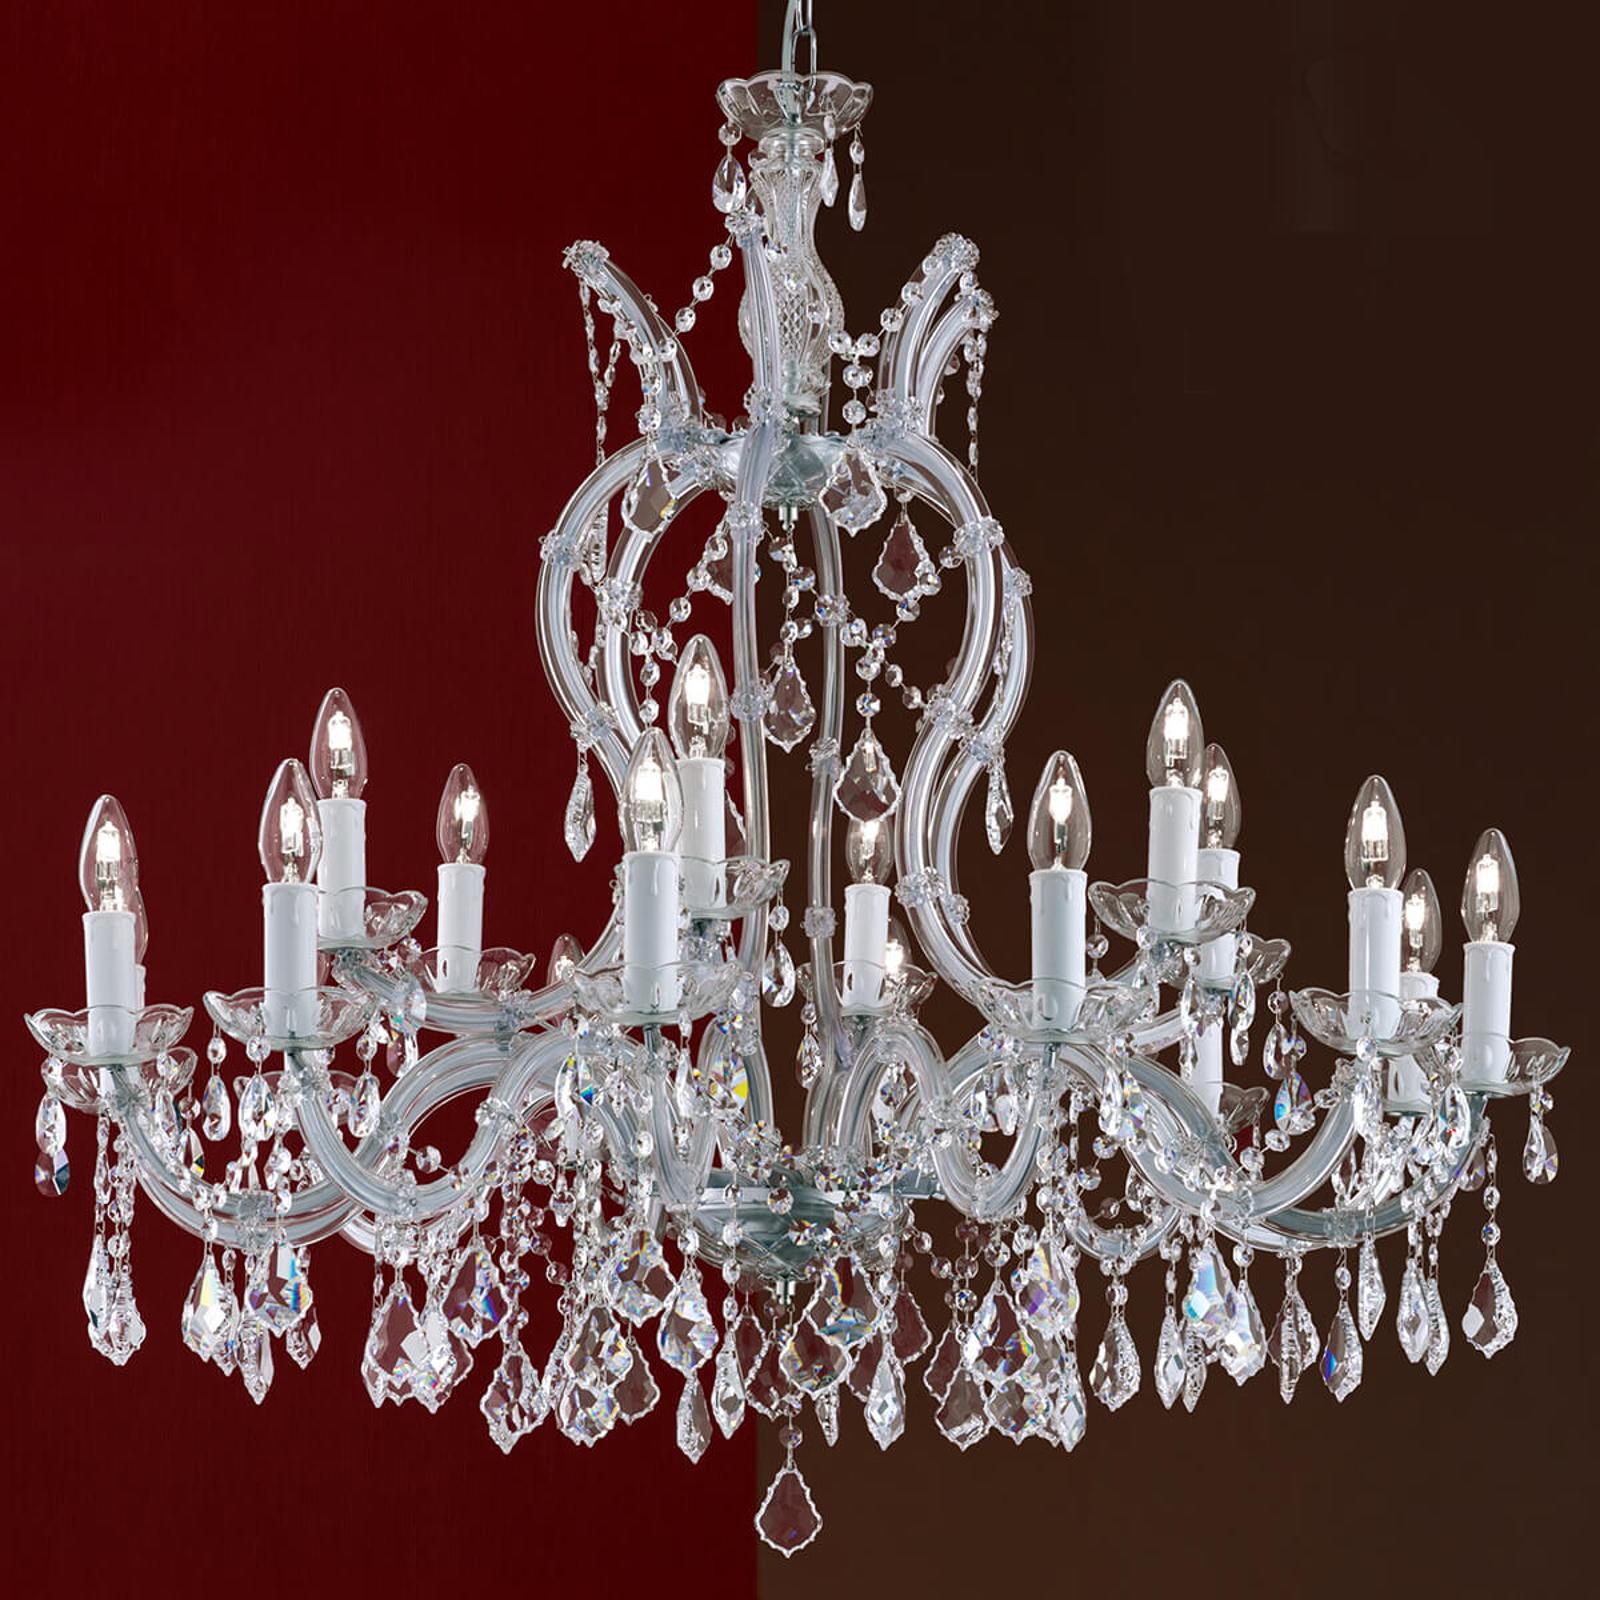 18-lamppuinen Maria Theresia -kristallikattokruunu